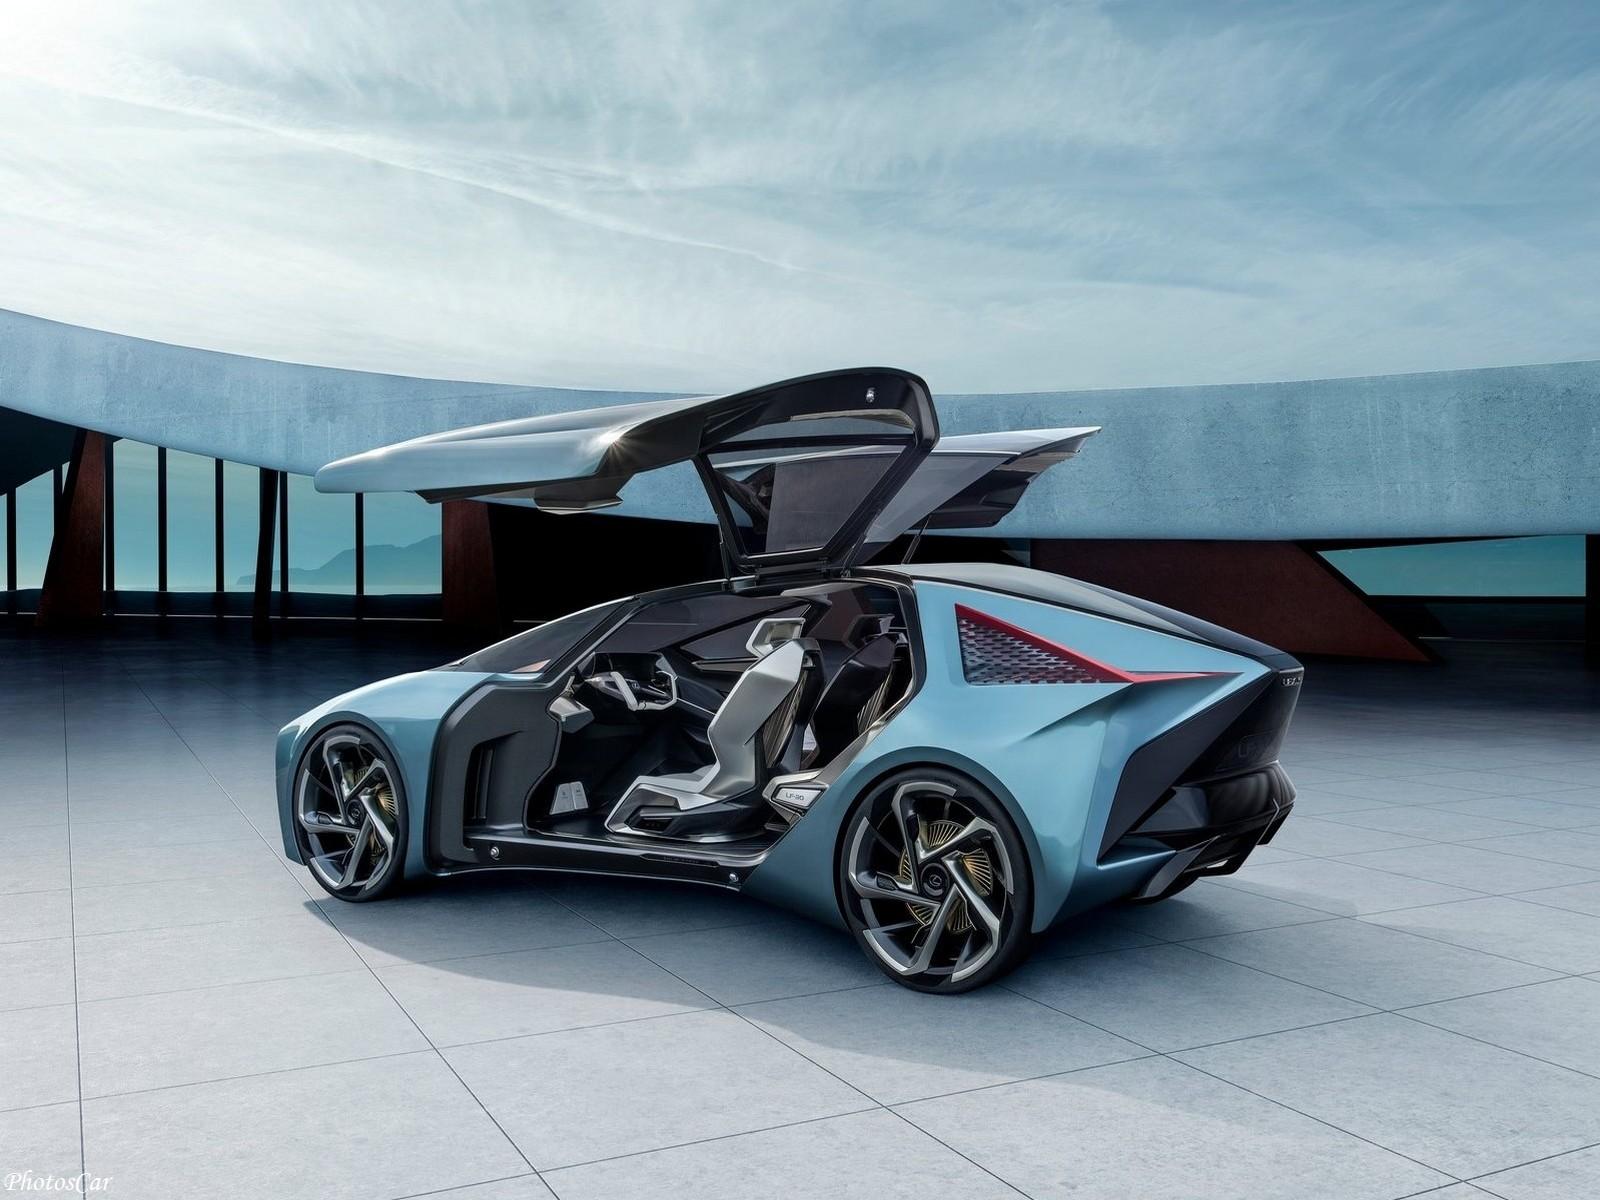 Lexus LF-30 Electrified Concept 2019